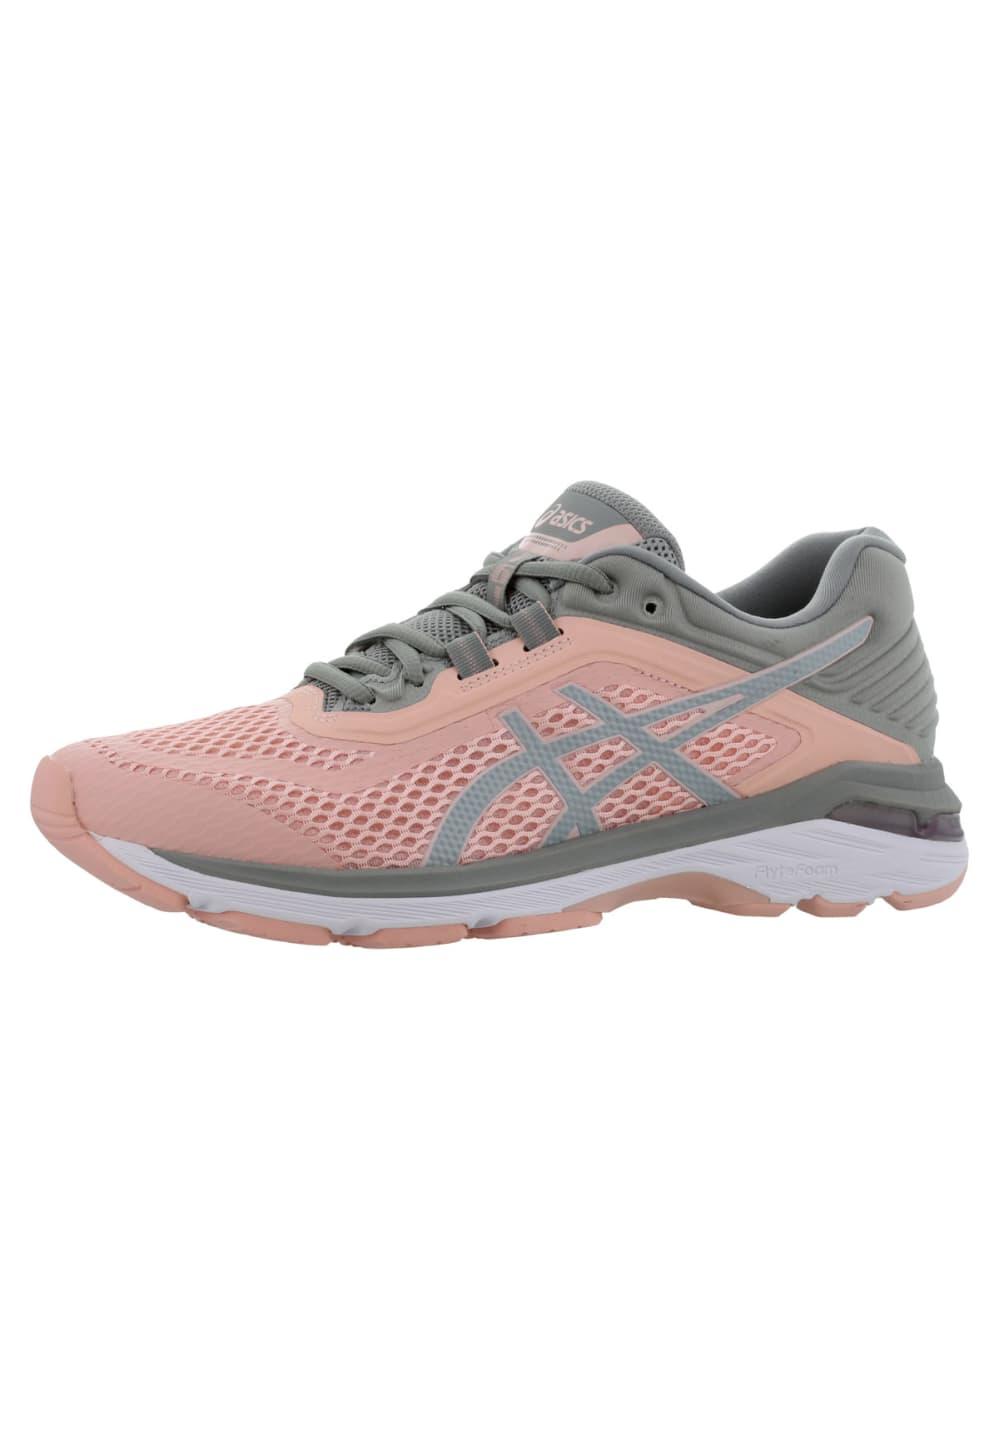 ASICS GT-2000 6 - Laufschuhe für Damen - Pink